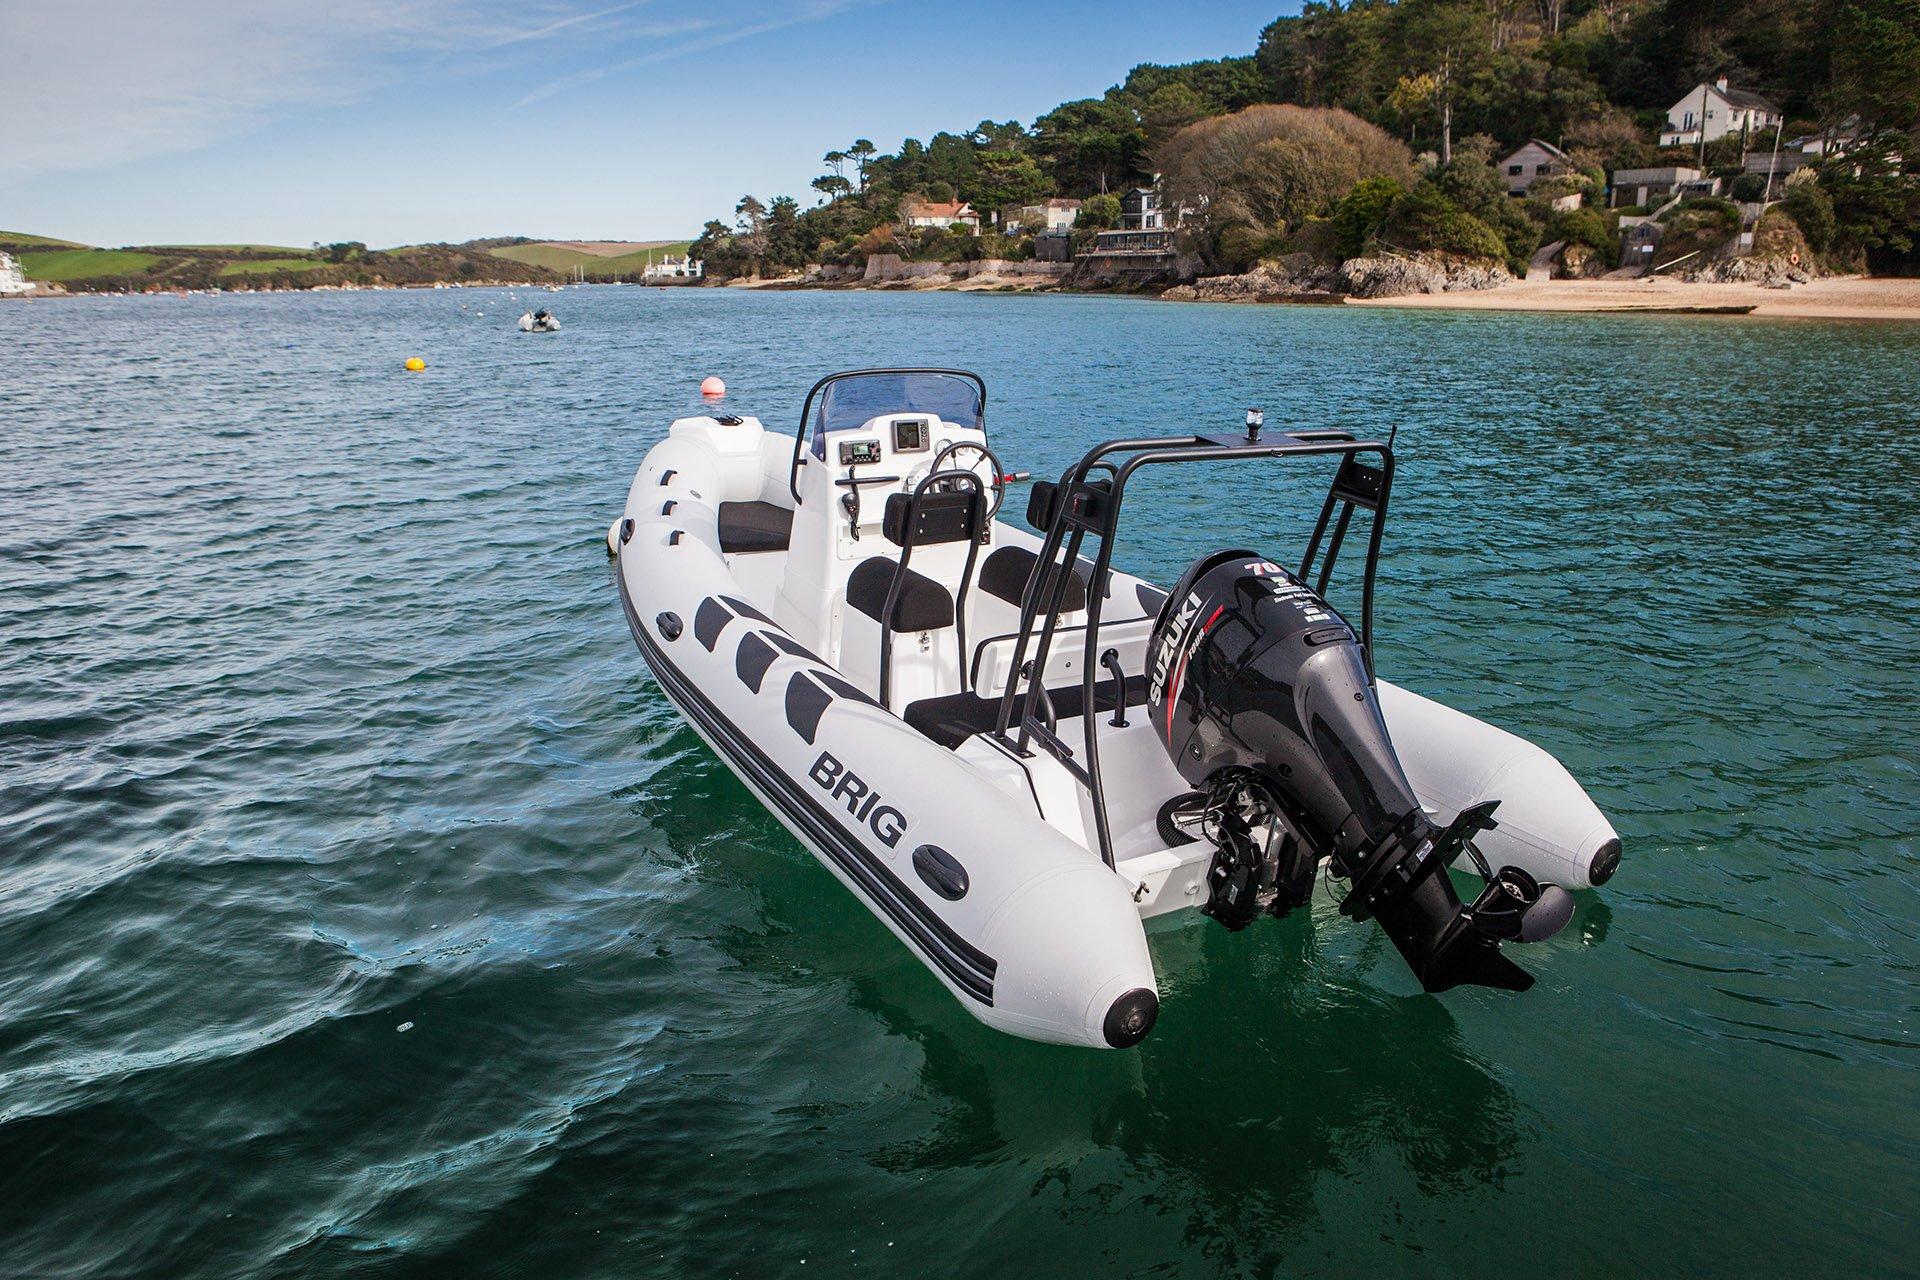 Navigator 520 RIB Boat